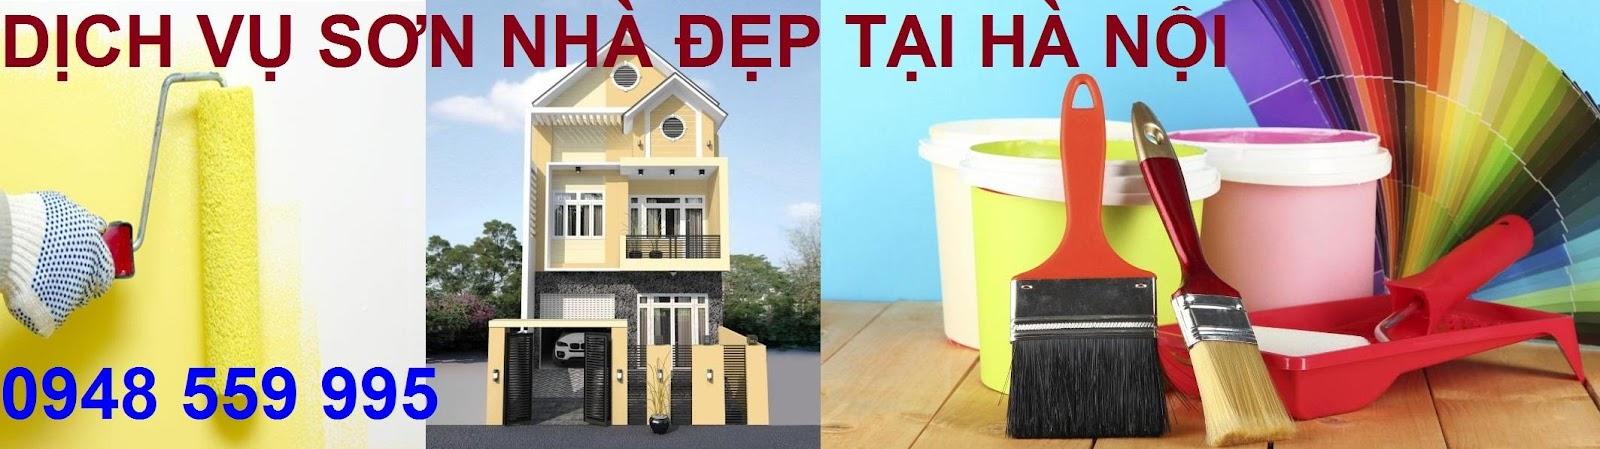 Top 10 địa chỉ sơn nhà sửa nhà tốt nhất tại Hà Nội - Ảnh 2